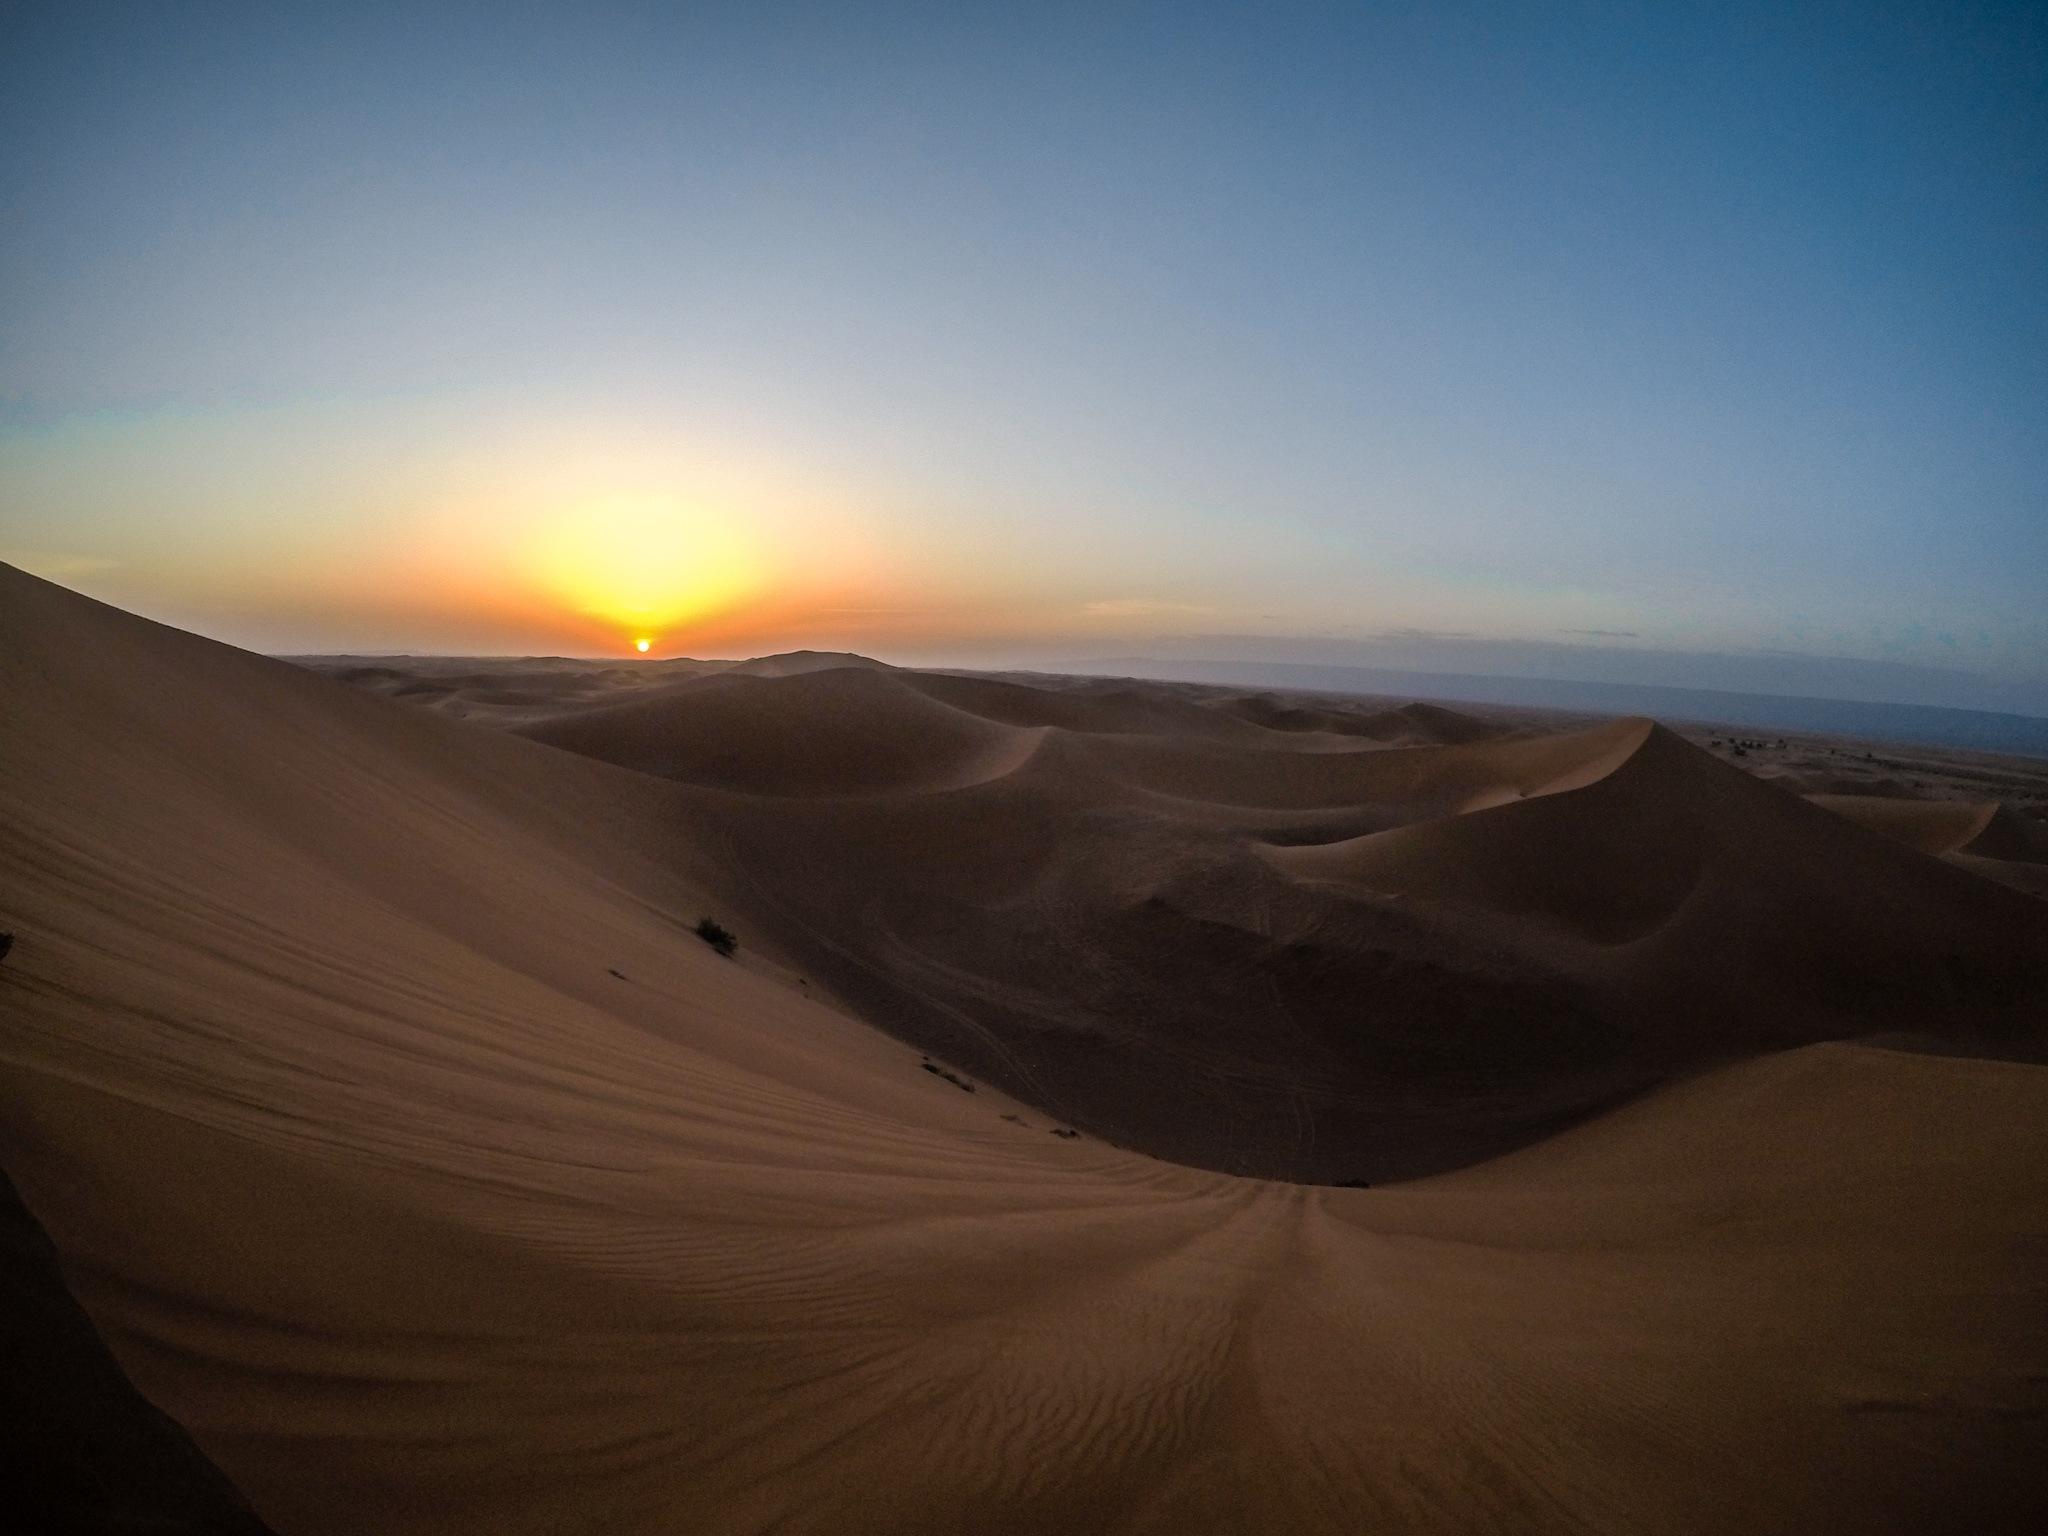 Desert in sunset by fra_perticaroli